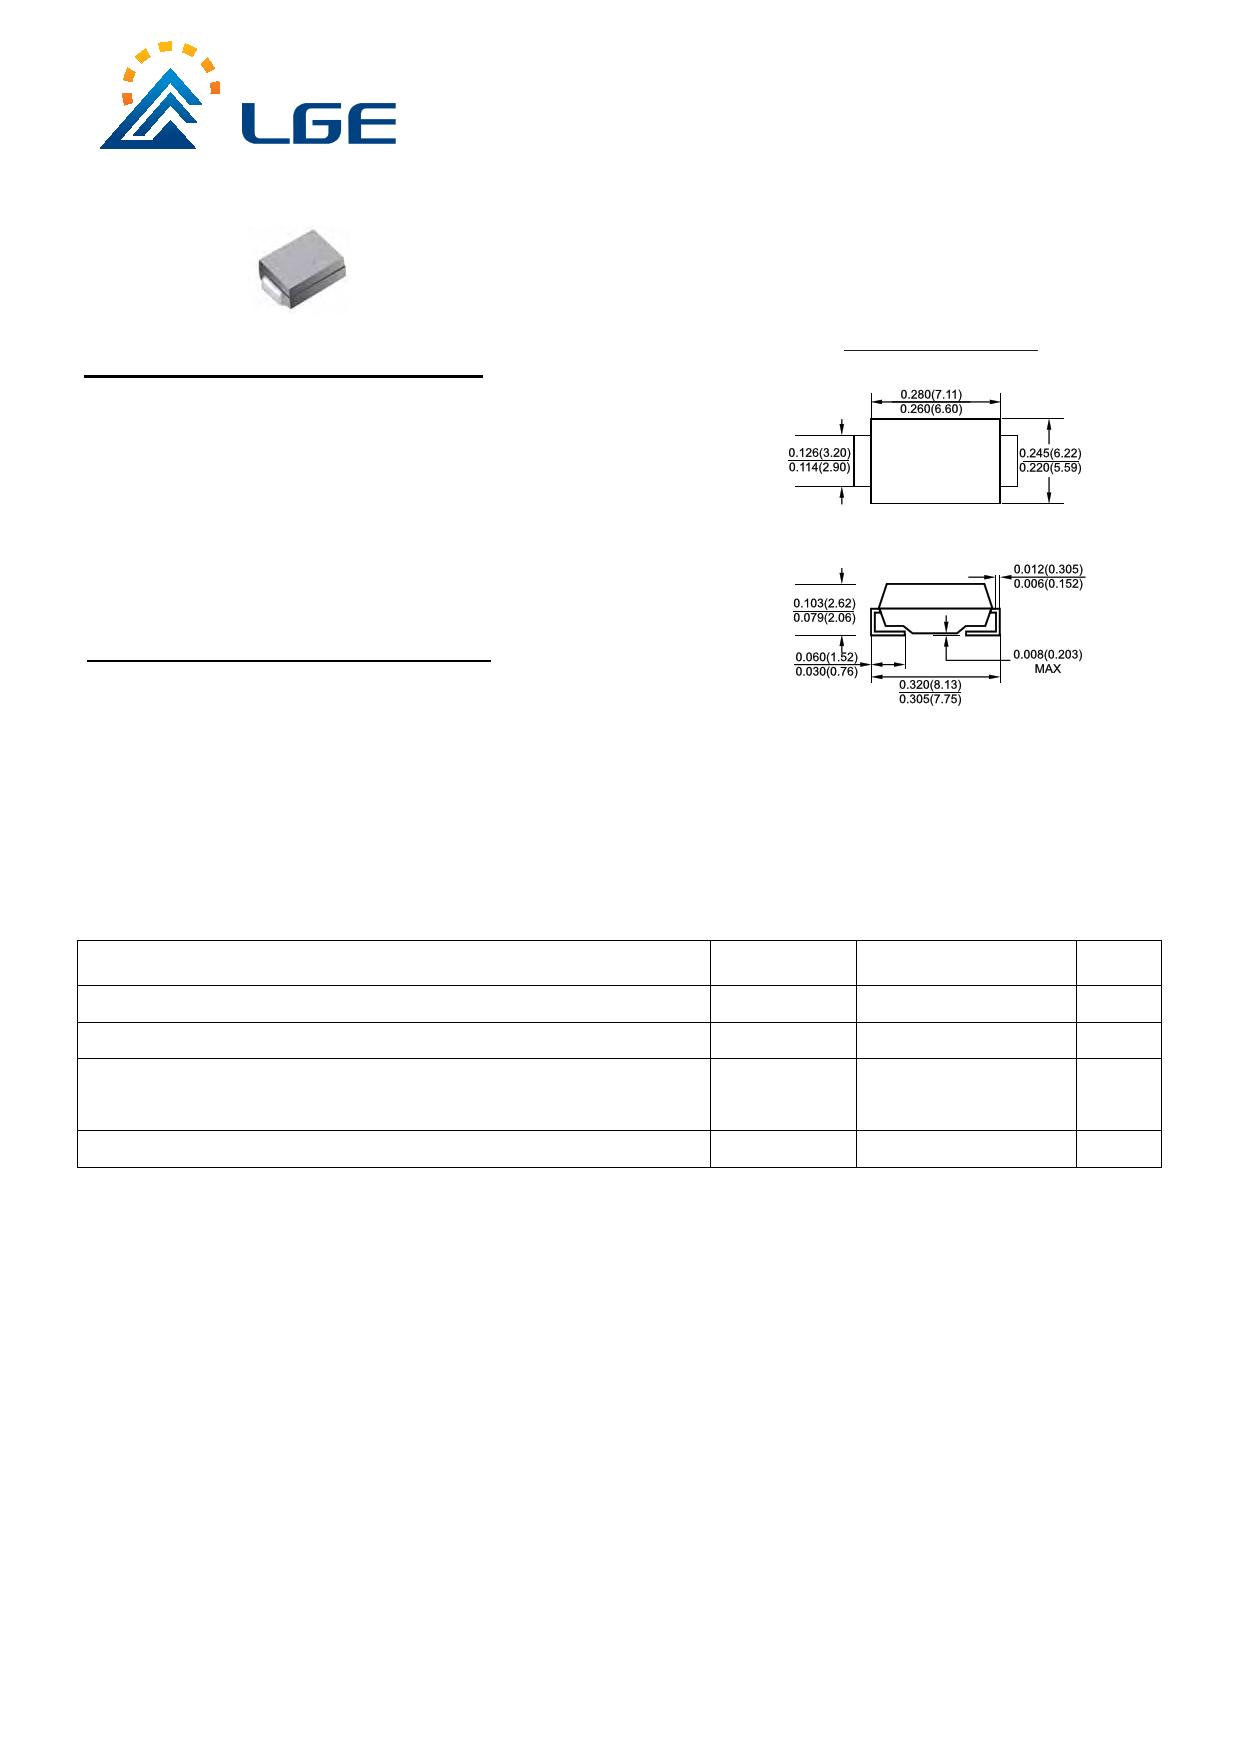 3.0SMCJ24C Datasheet, 3.0SMCJ24C PDF,ピン配置, 機能